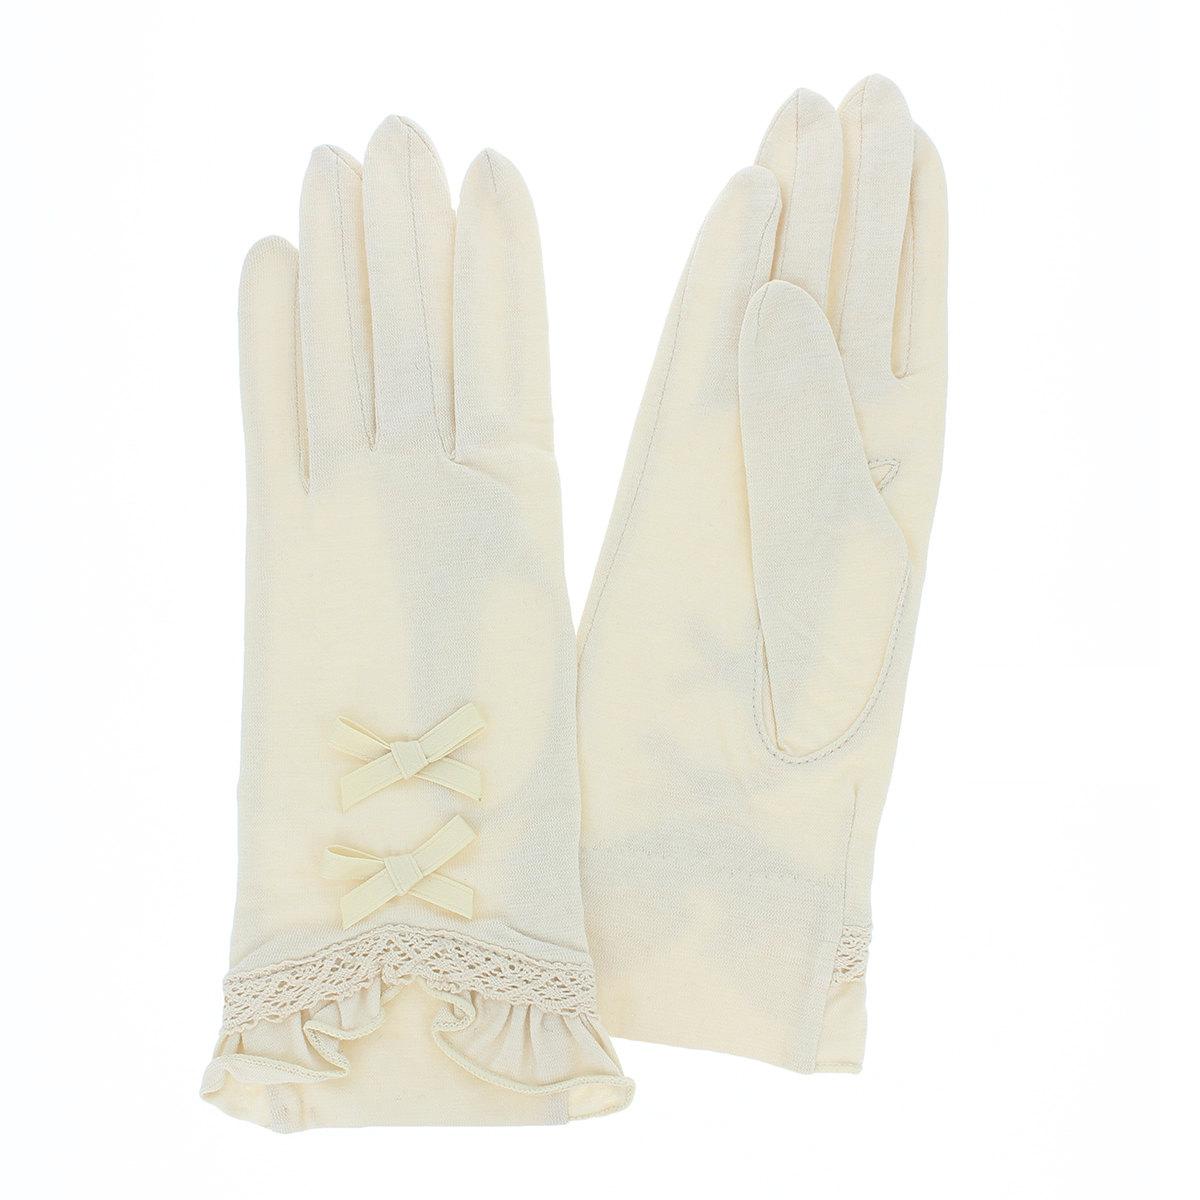 高遮蔽 綿100% 五本指 ショート丈 レディース UV手袋 UVカット 洗える ヨークス 裾レース装飾がエレガント ちょっと長め丈 25cm プレゼント プレゼント